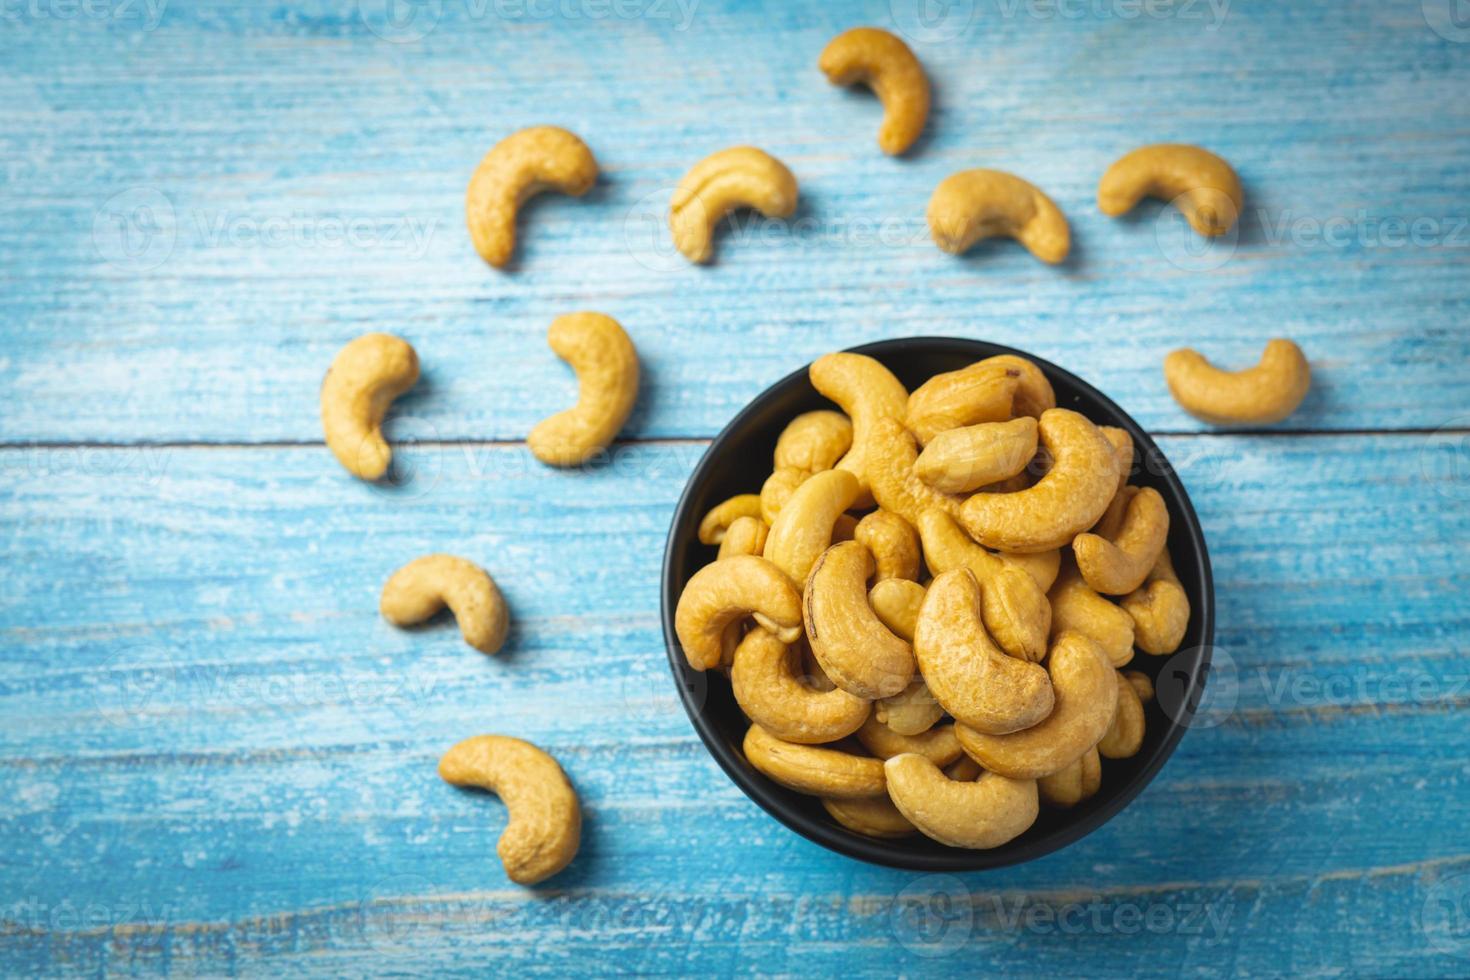 Bol de noix de cajou décortiquées sur une table bleue photo